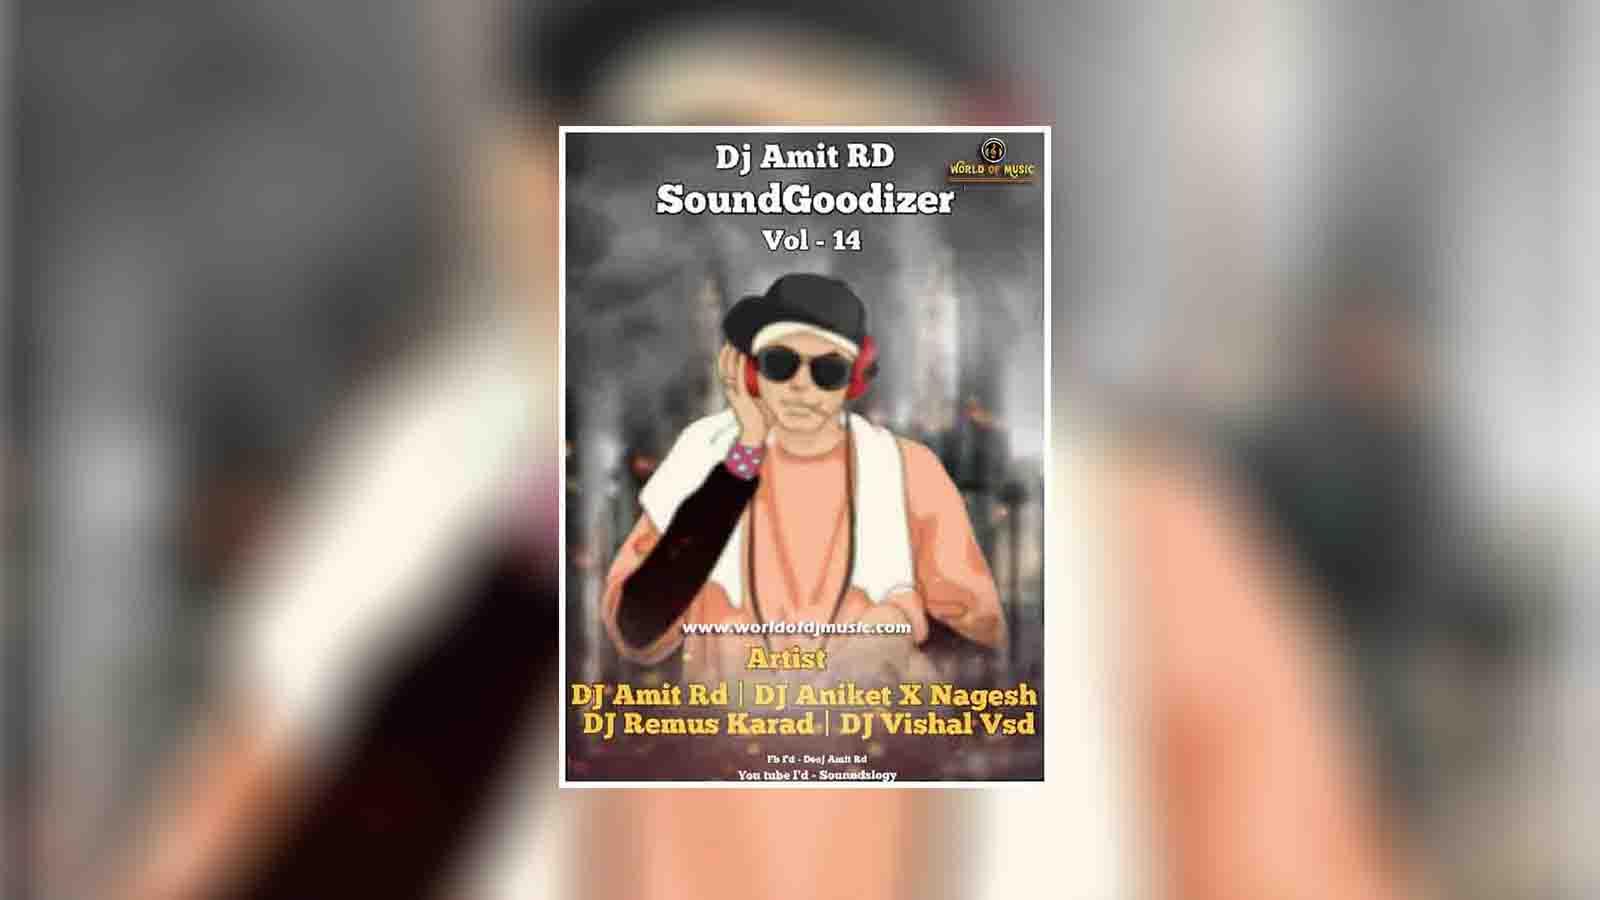 Vadhiv Distay Rav (Remix) - Dj Aniket & Nagesh x Dj Amit RD